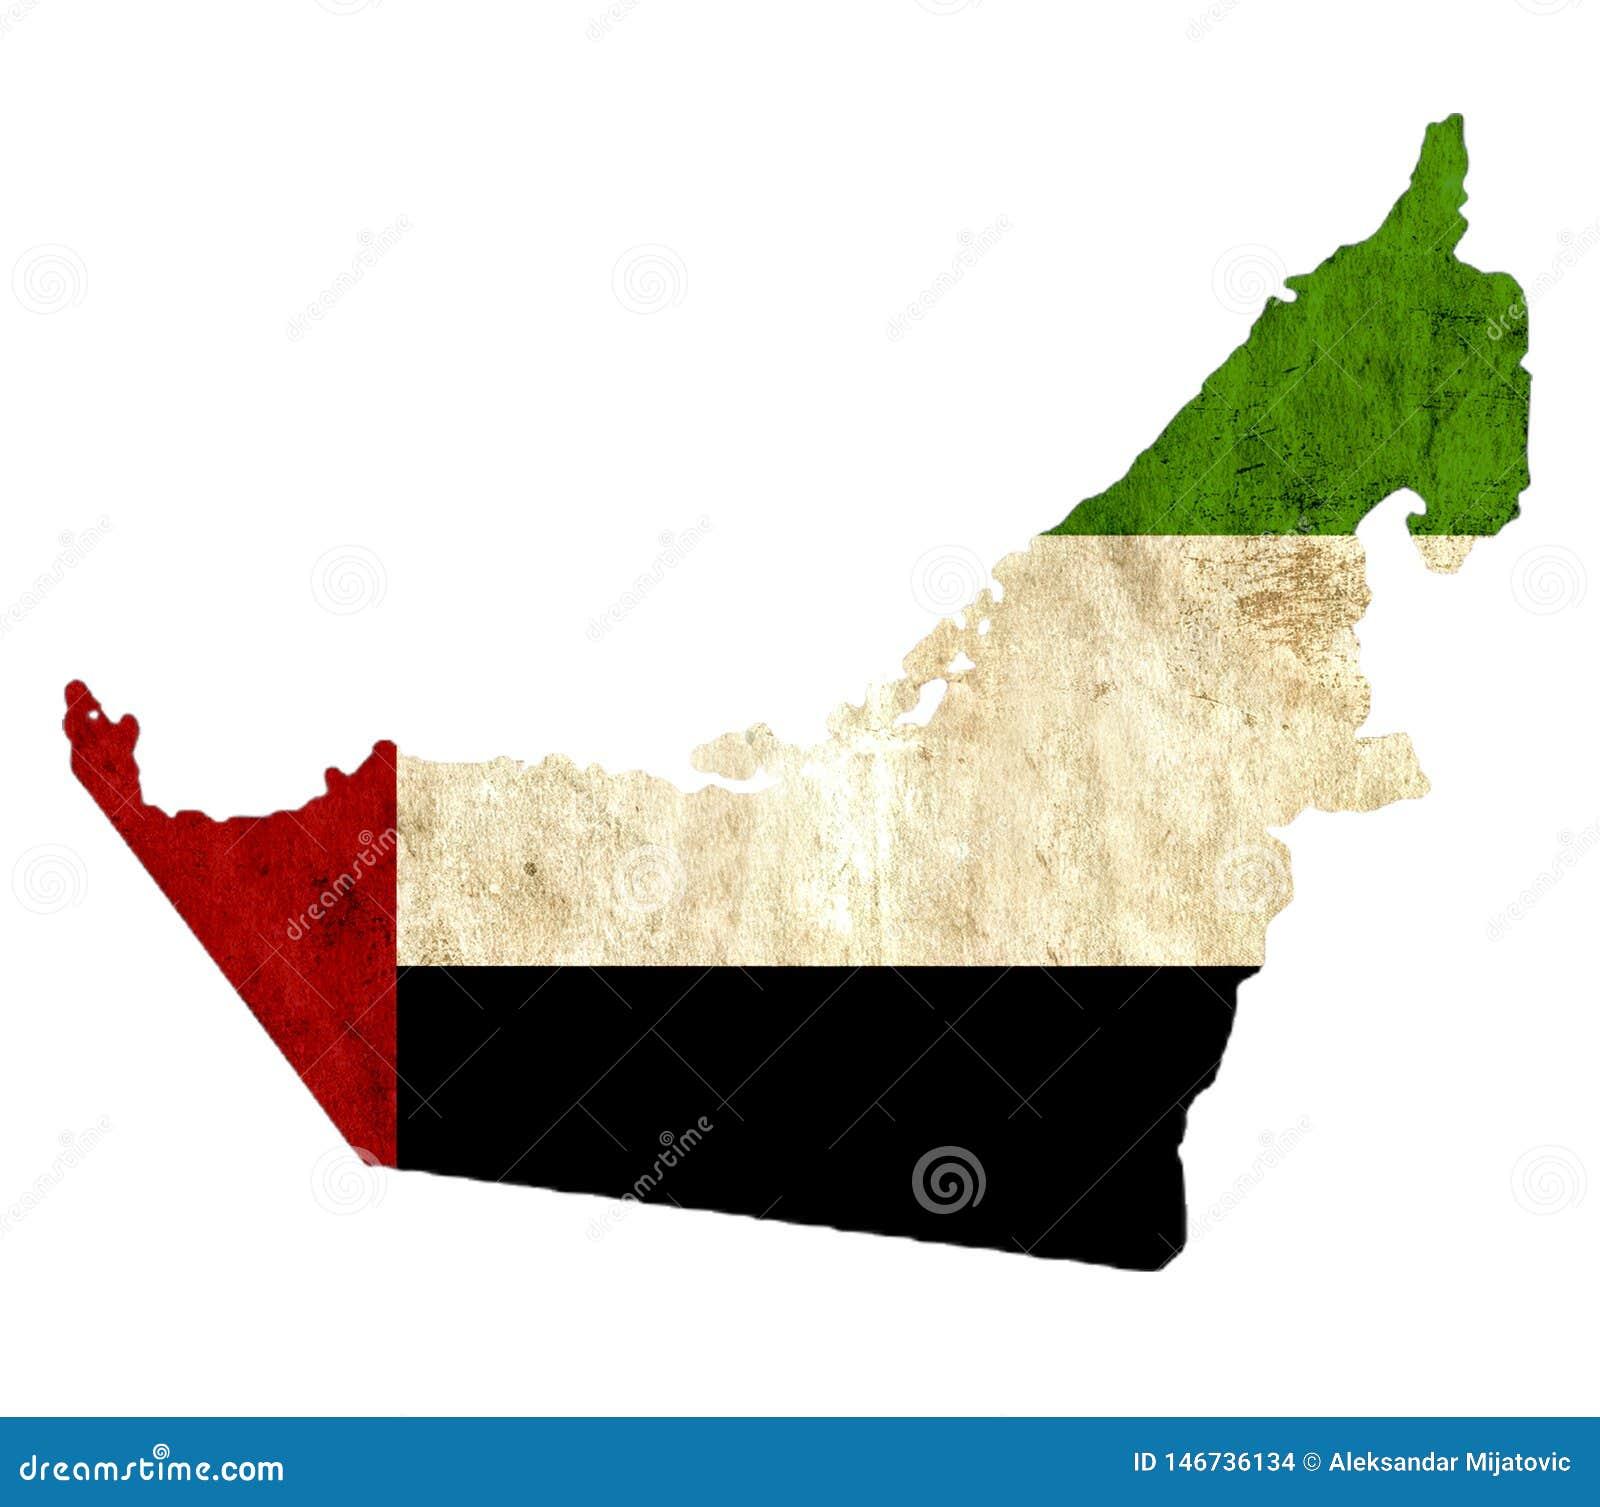 Εκλεκτής ποιότητας χάρτης εγγράφου των Ηνωμένων Αραβικών Εμιράτων